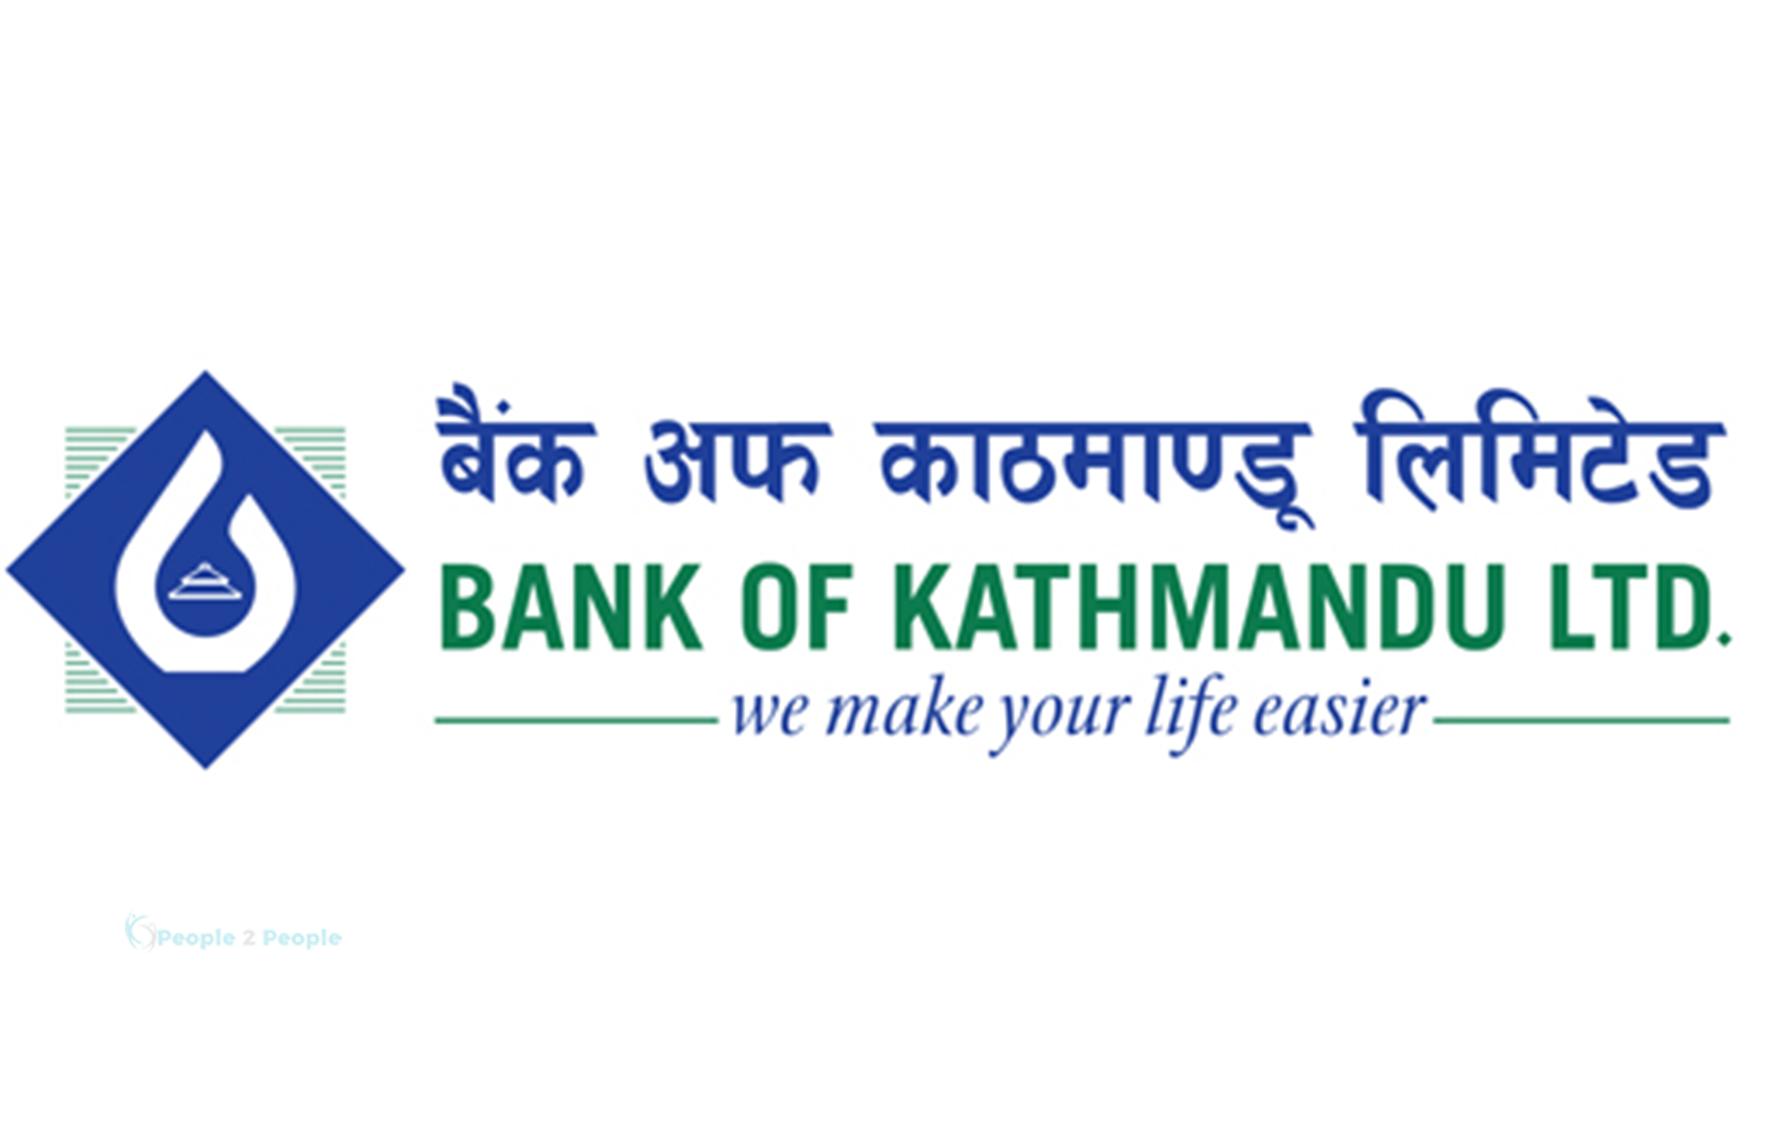 इङ्गवा जलविद्युत् आयोजनामा बैंक अफ काठमाण्डूले लगानी गर्ने